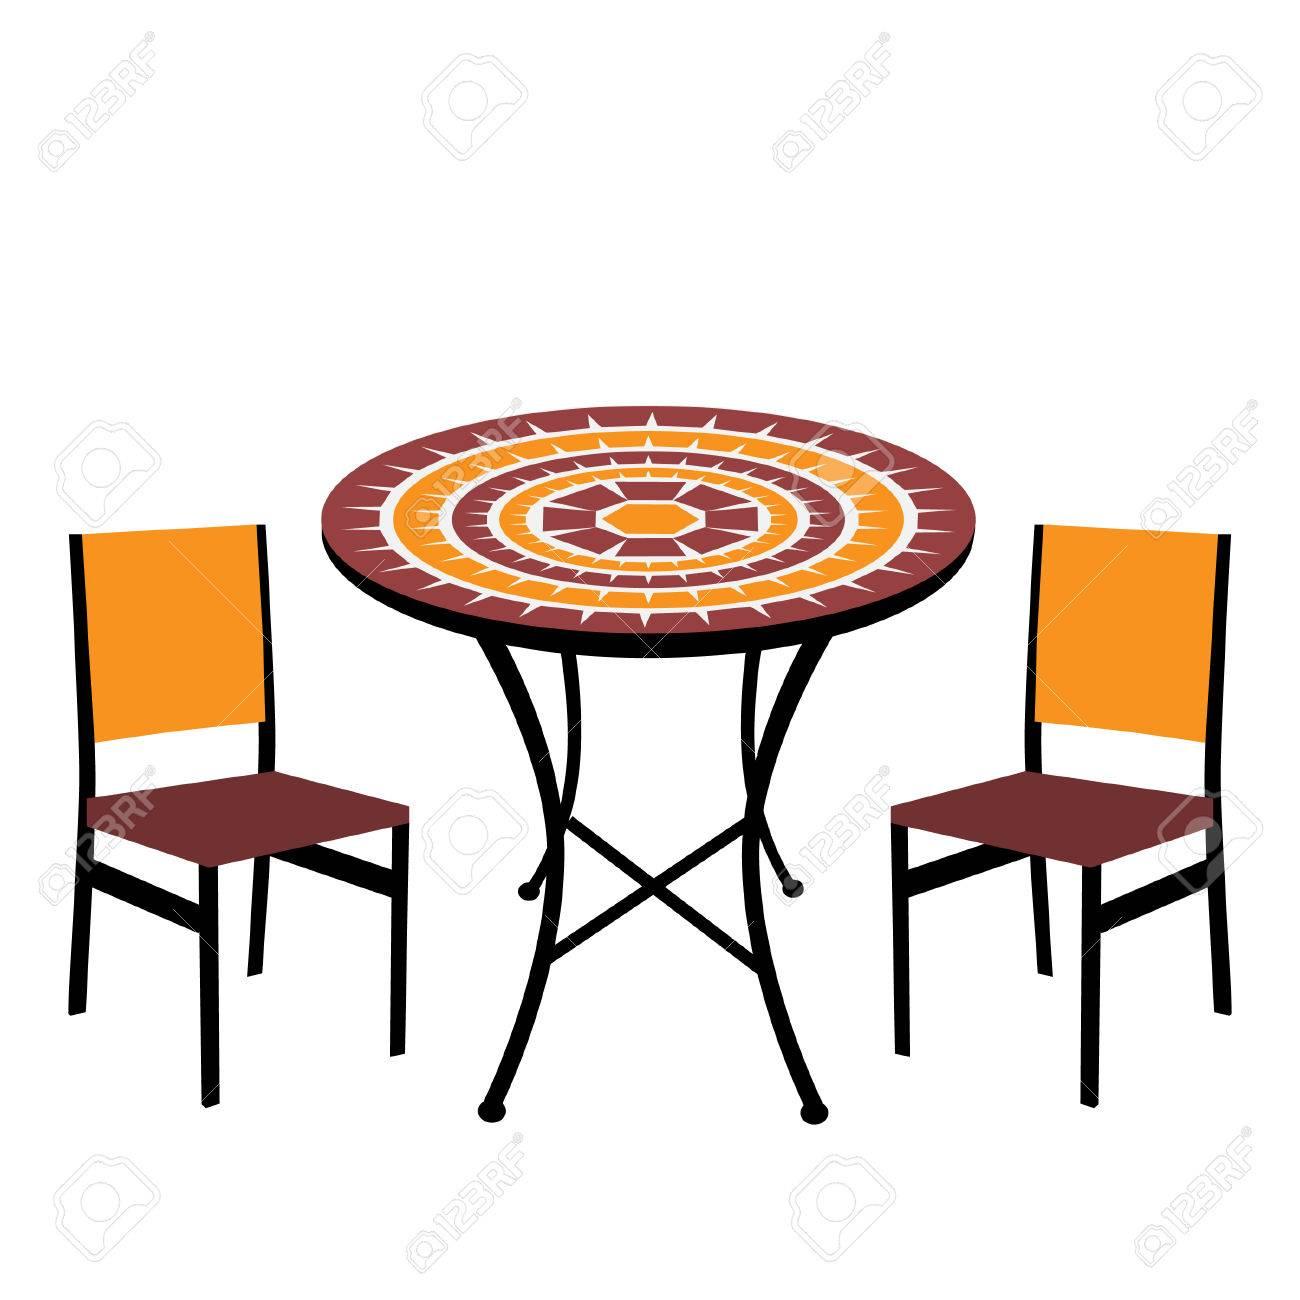 Table de jardin et chaises Vintage isolé, table ronde et des chaises vecteur